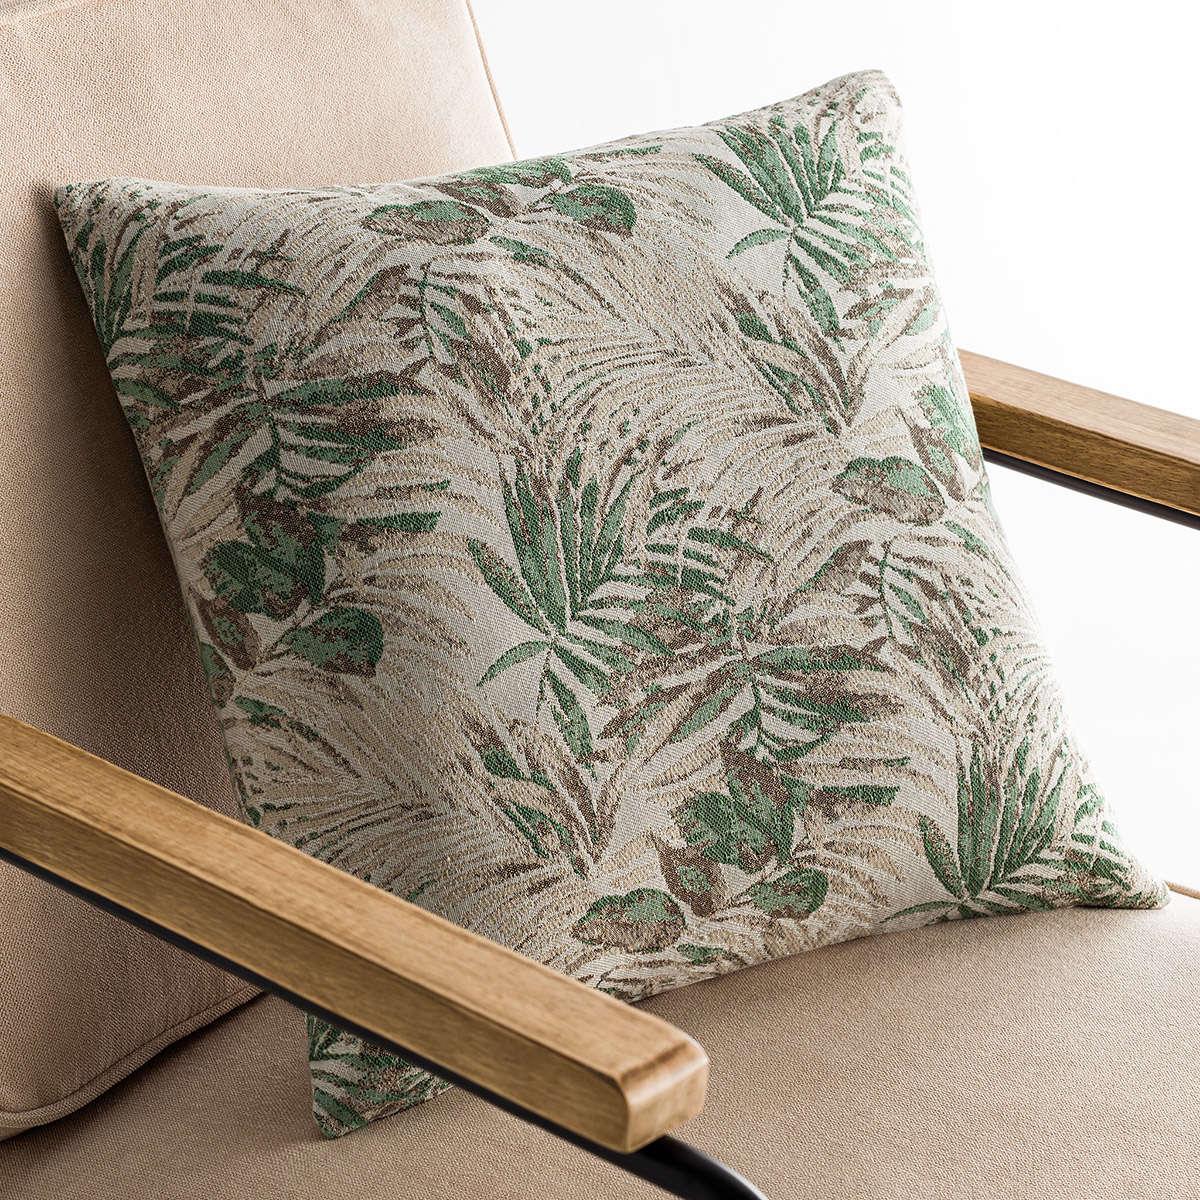 Μαξιλαροθήκη Διακοσμητική Paloma Green 696/18 Gofis Home 50X50 Βαμβάκι-Polyester